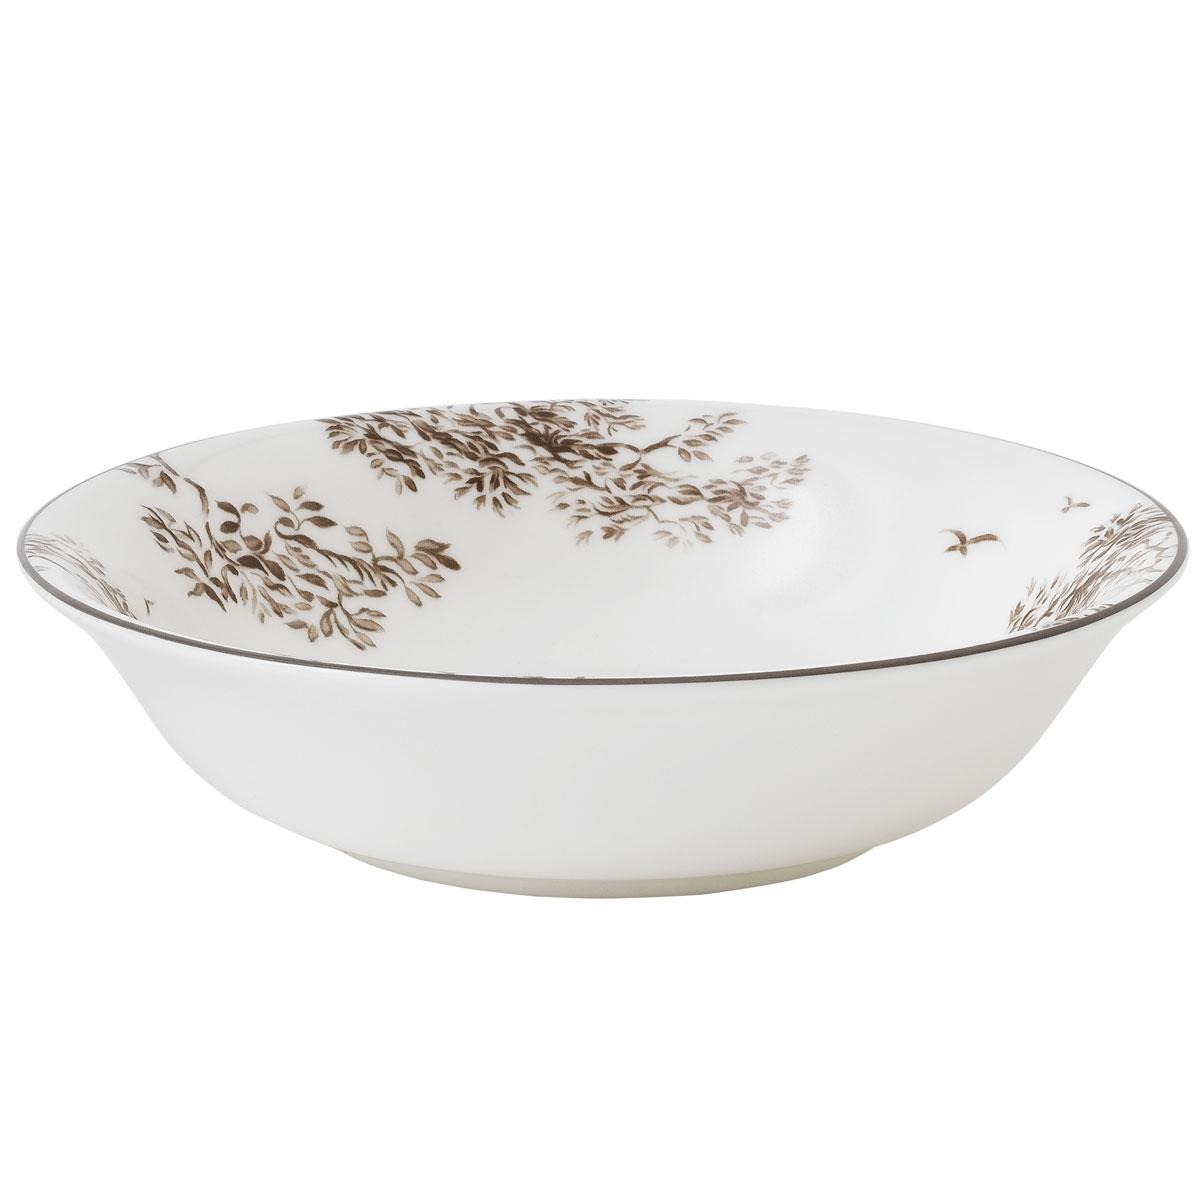 Wedgwood China Parkland Oatmeal Bowl